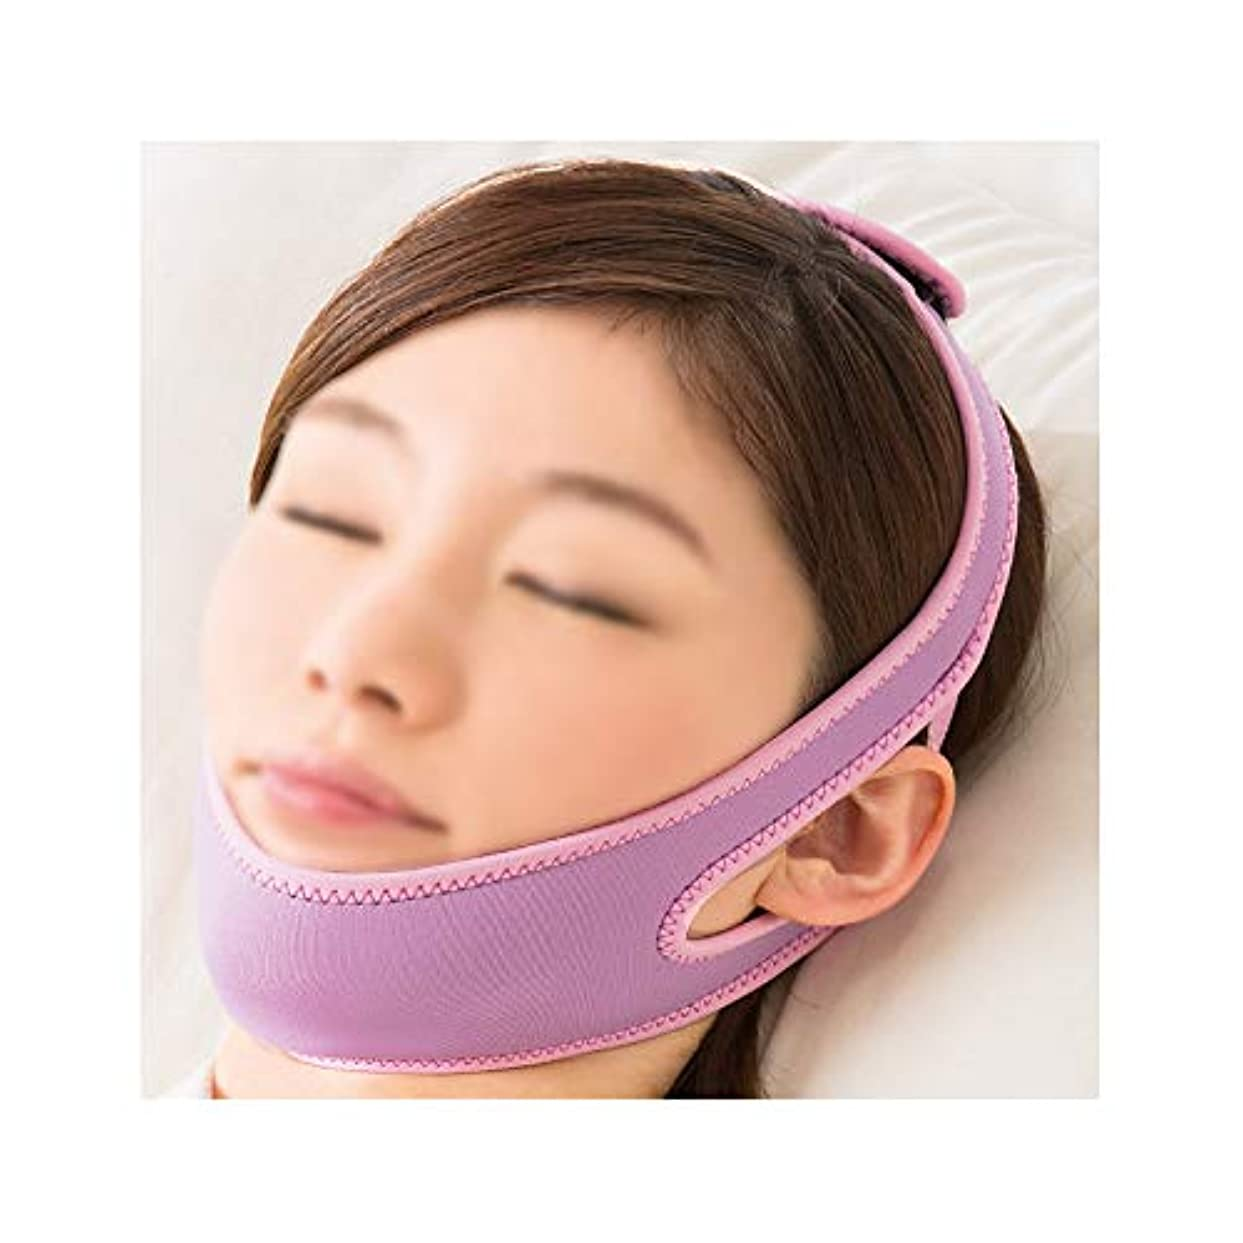 和らげる重量歯TLMY マスクフェイスリフトアーチファクトマスク垂れ顔小さいVフェイス包帯通気性睡眠両面あごスーツ睡眠弾性痩身ベルト 顔用整形マスク